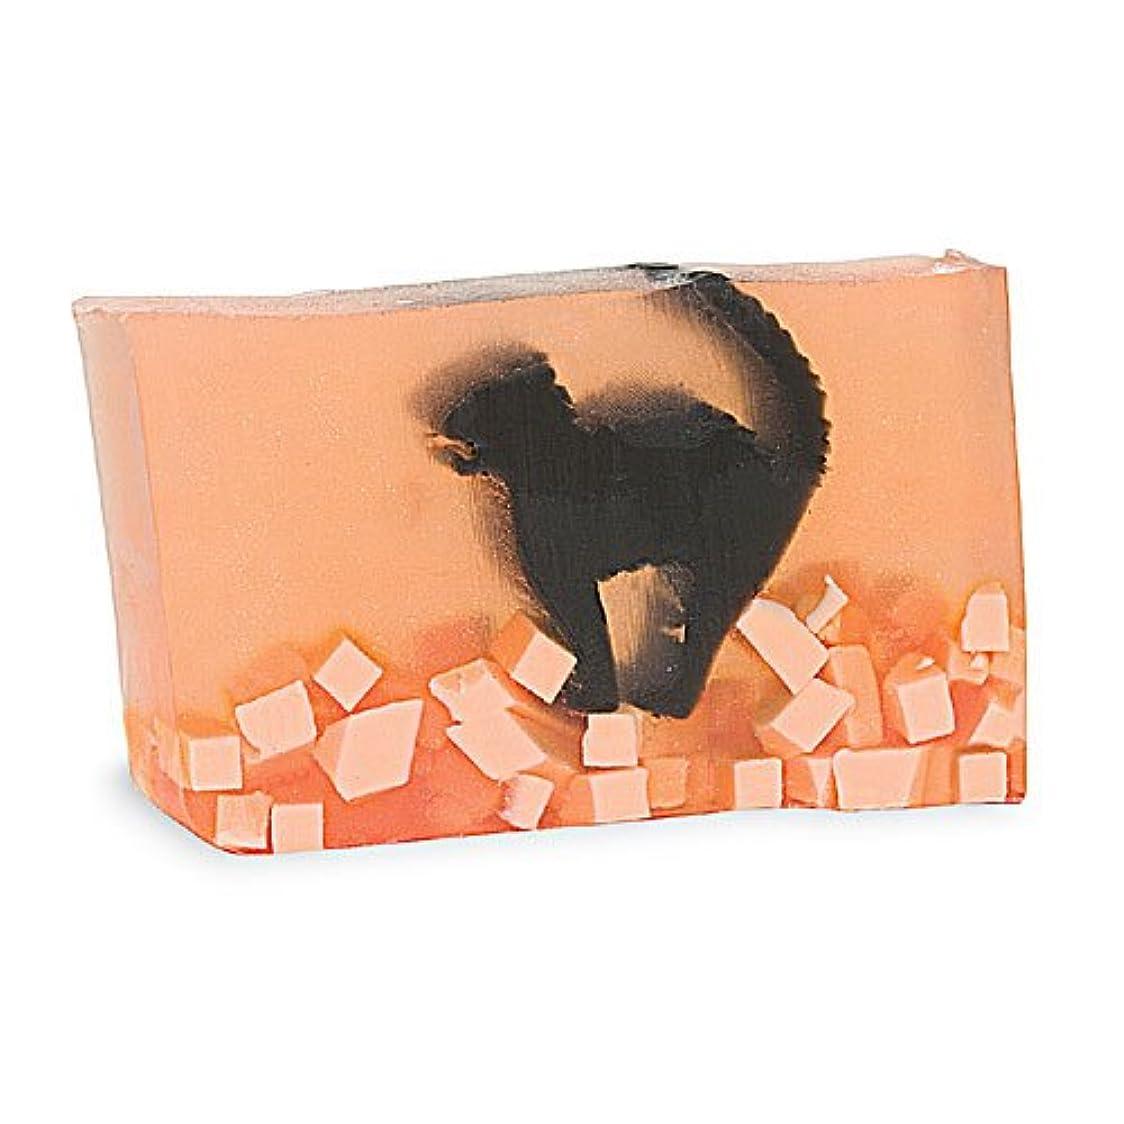 出版凍った受益者プライモールエレメンツ アロマティック ソープ スケアディキャット 180g ハロウィンにおすすめ植物性のナチュラル石鹸